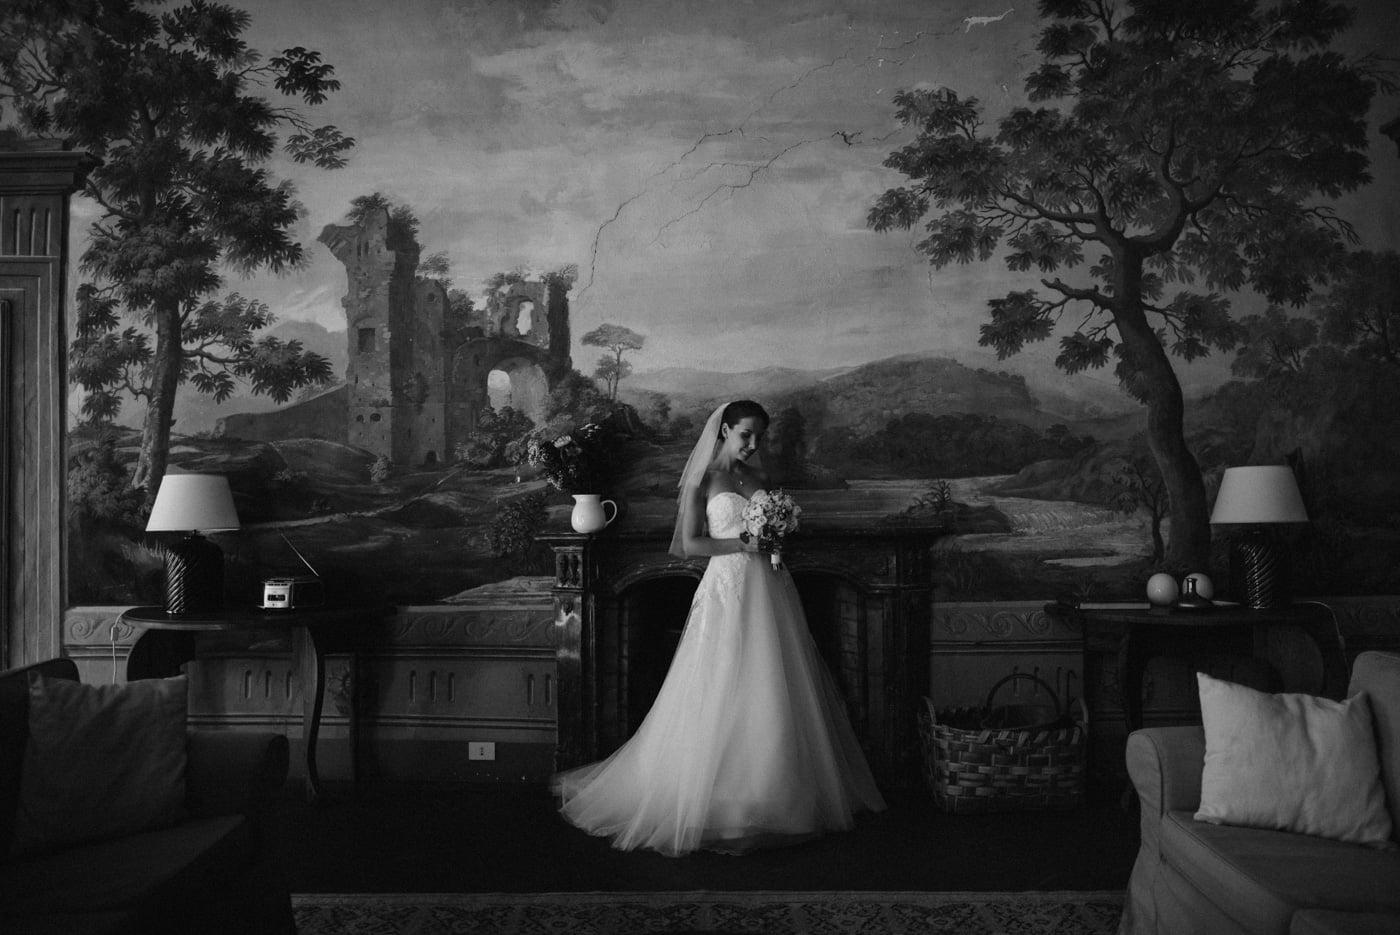 037-wedding-tuscany-rignana